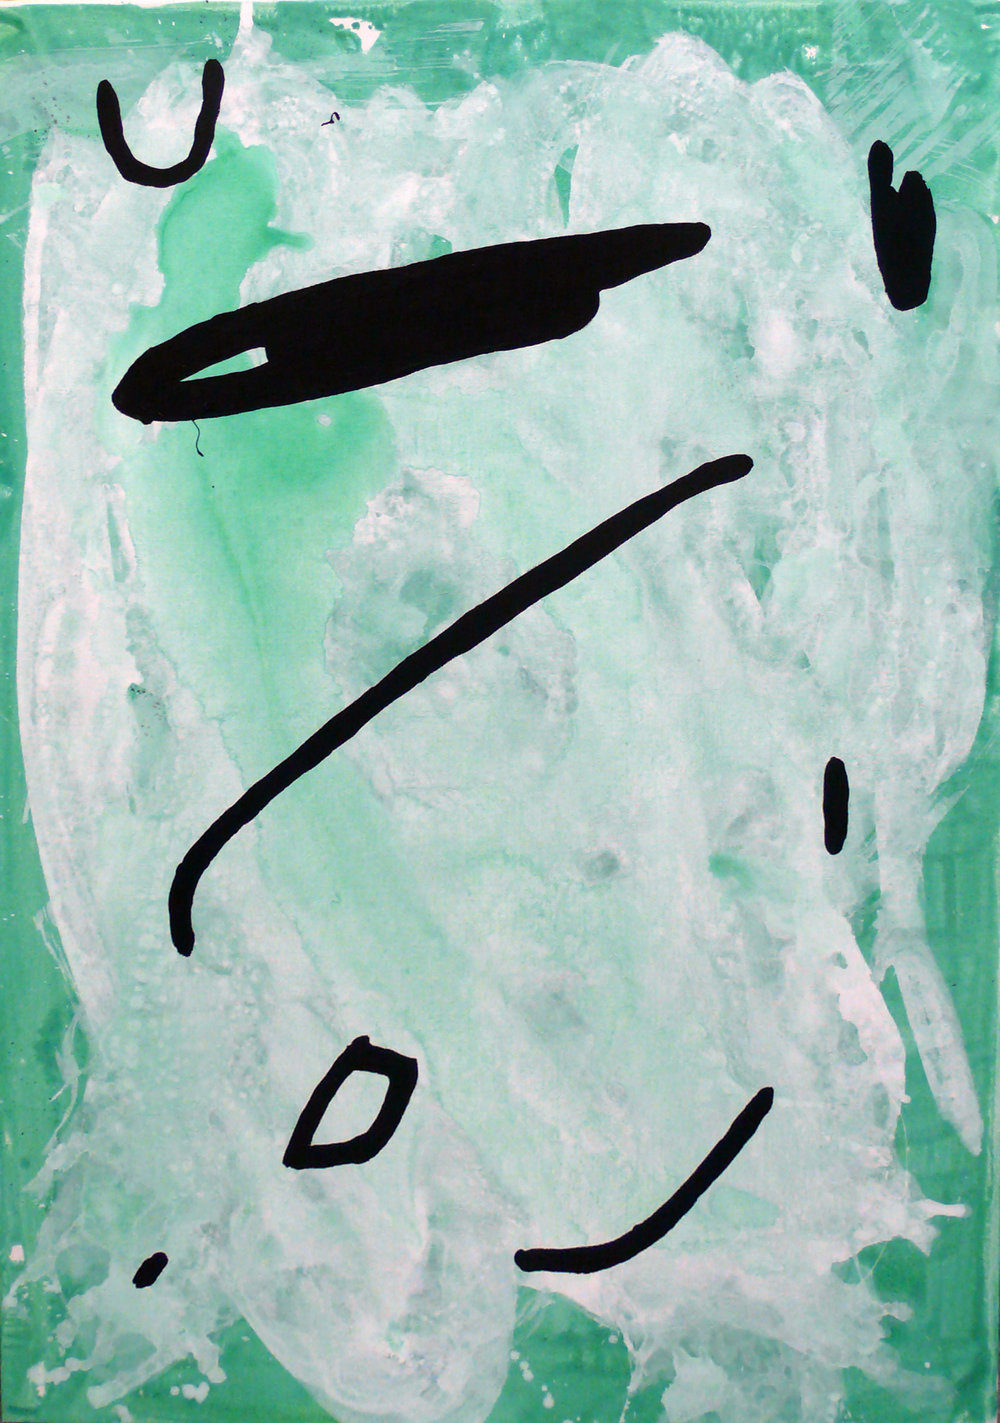 Senza titolo, 2016, tecnica mista su tela, 100x70cm